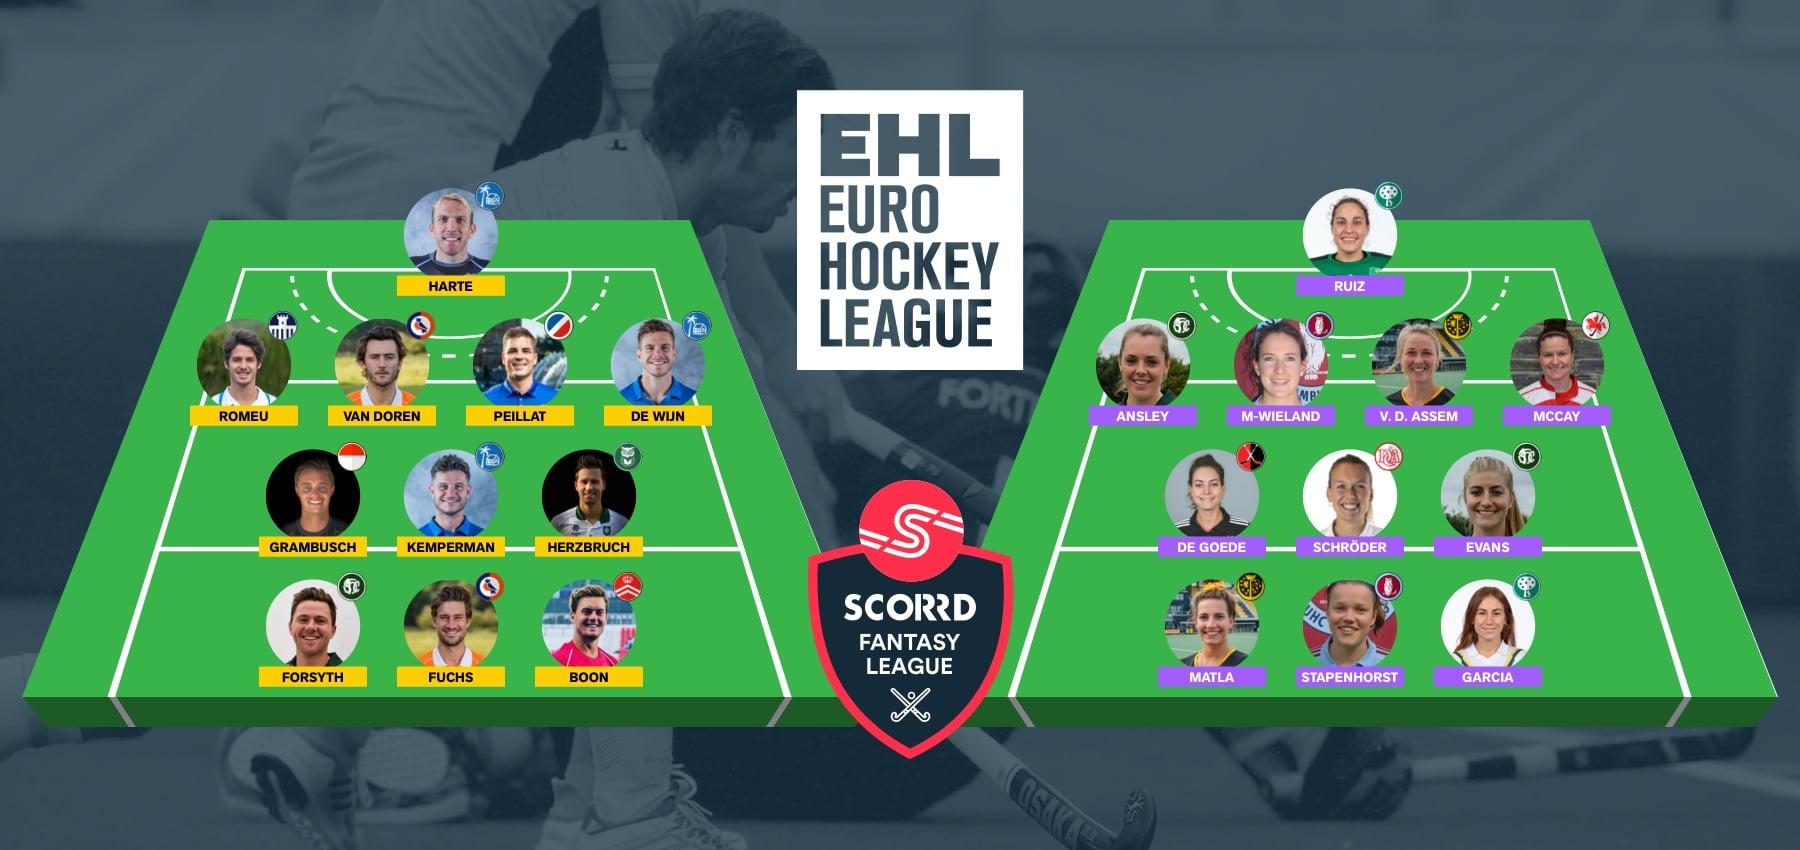 STAY@HOME Fantasy Hockey League - Scorrd and Euro Hockey League